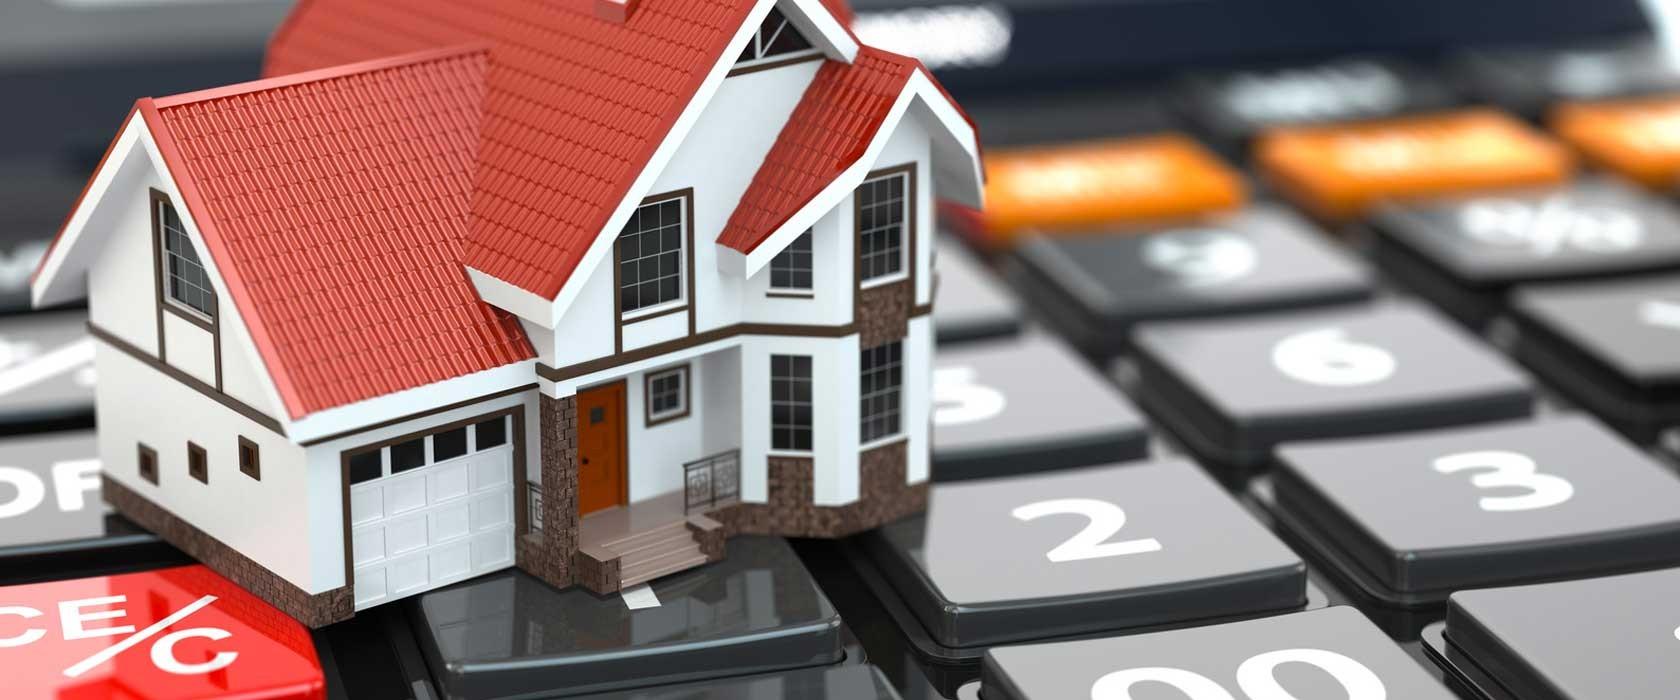 Оценка для ипотеки — Сбербанк, Кубань-Кредит и другие банки